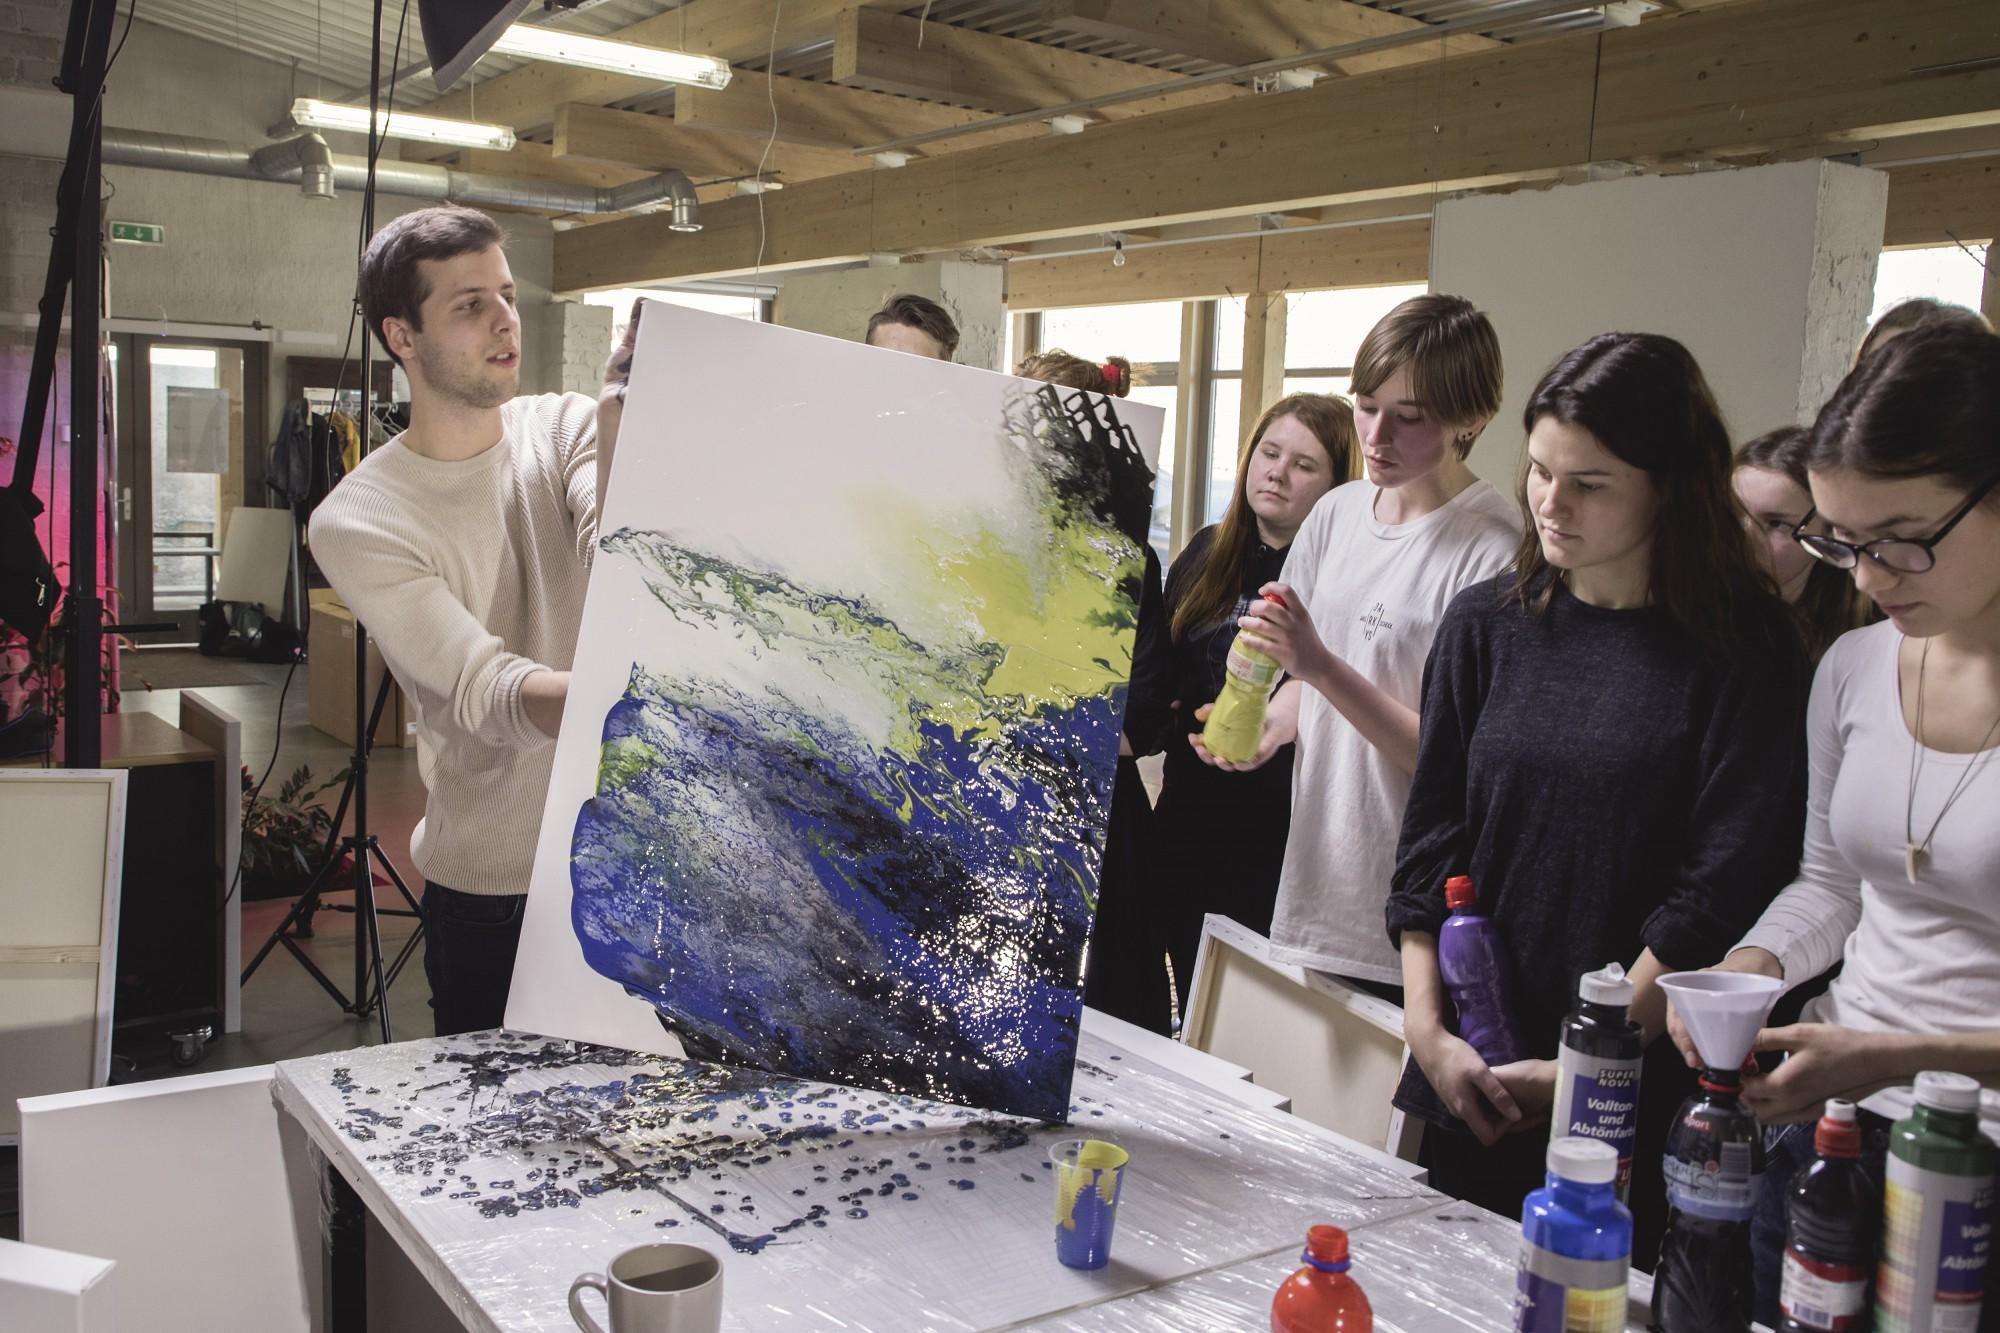 Gleznošanas konkursa darbus eksponēs izstādē